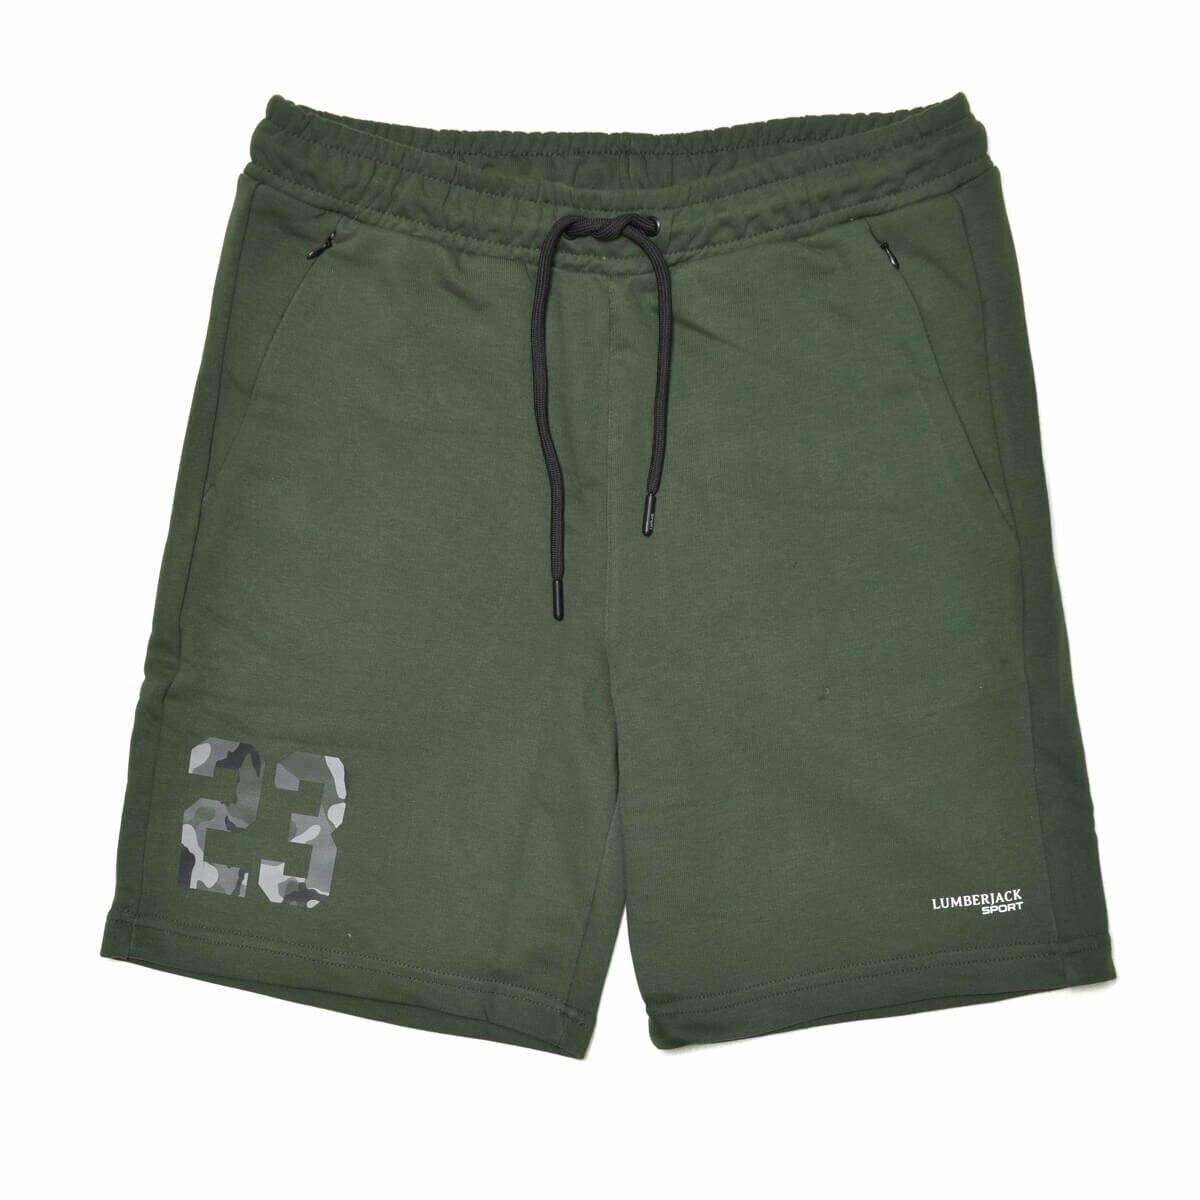 FLO BLACK SHORT Khaki Male Shorts LUMBERJACK